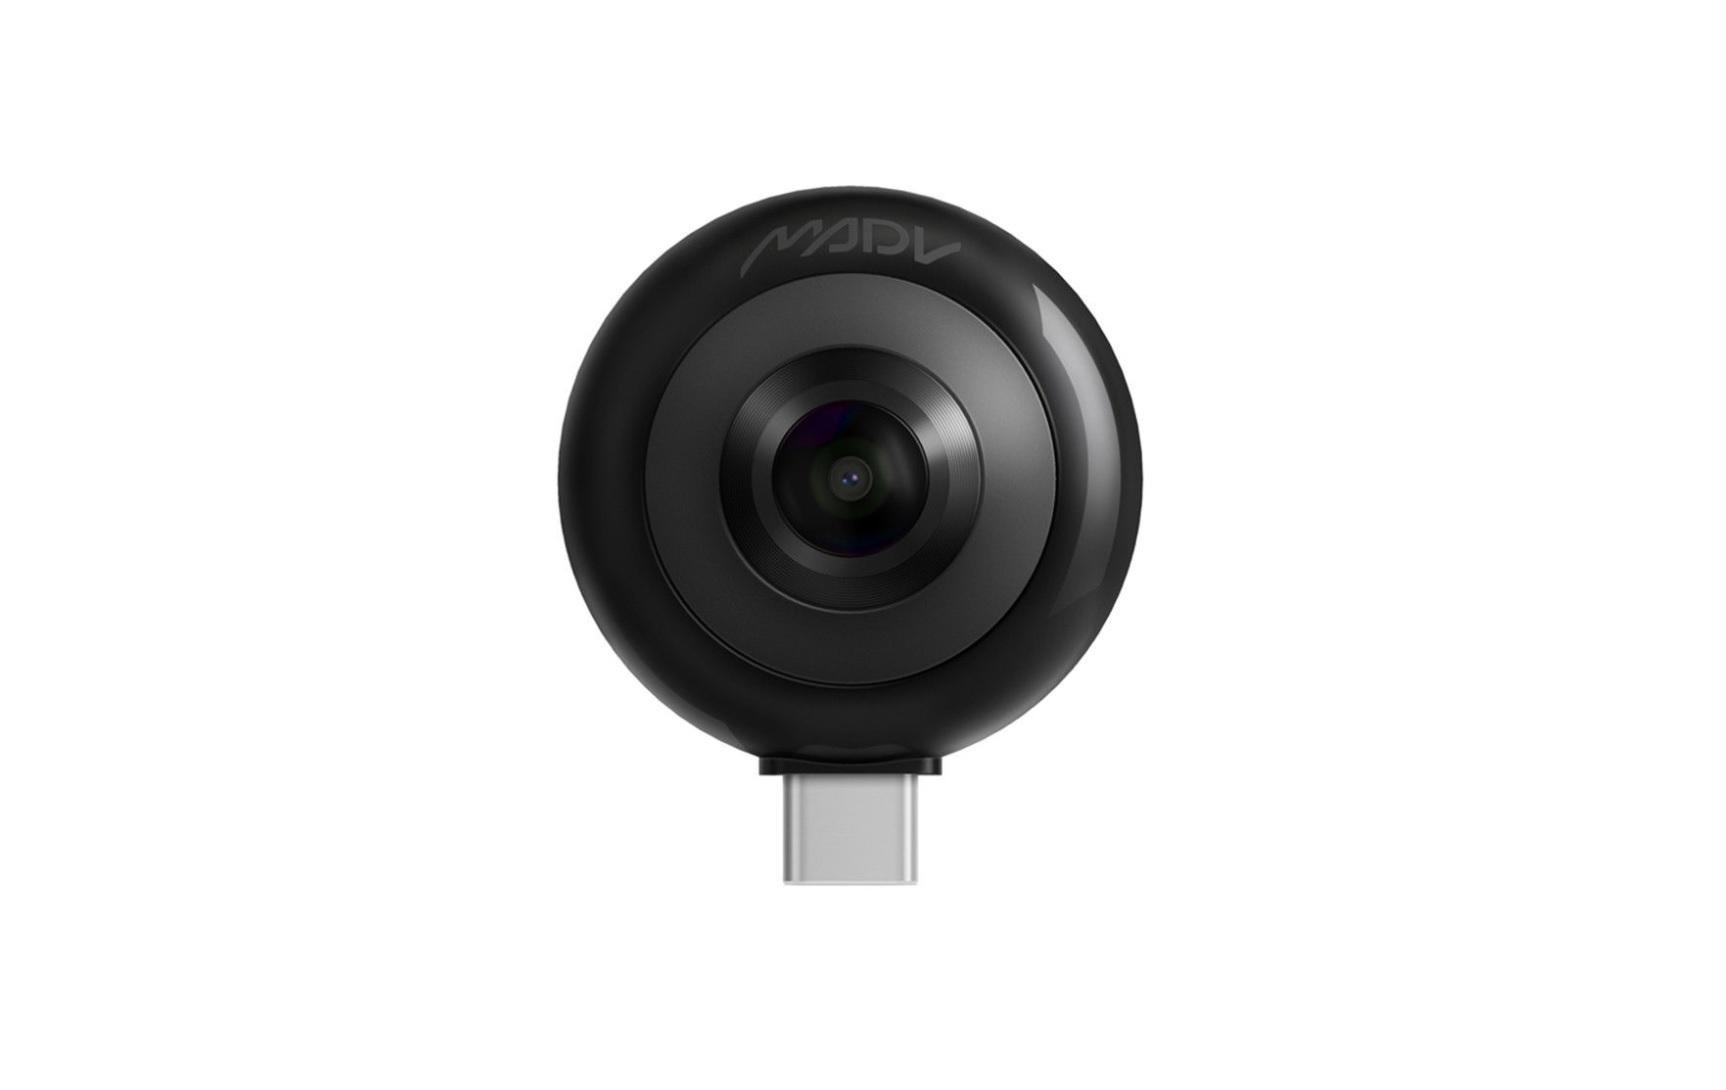 Externý 360° foťák od Xiaomi